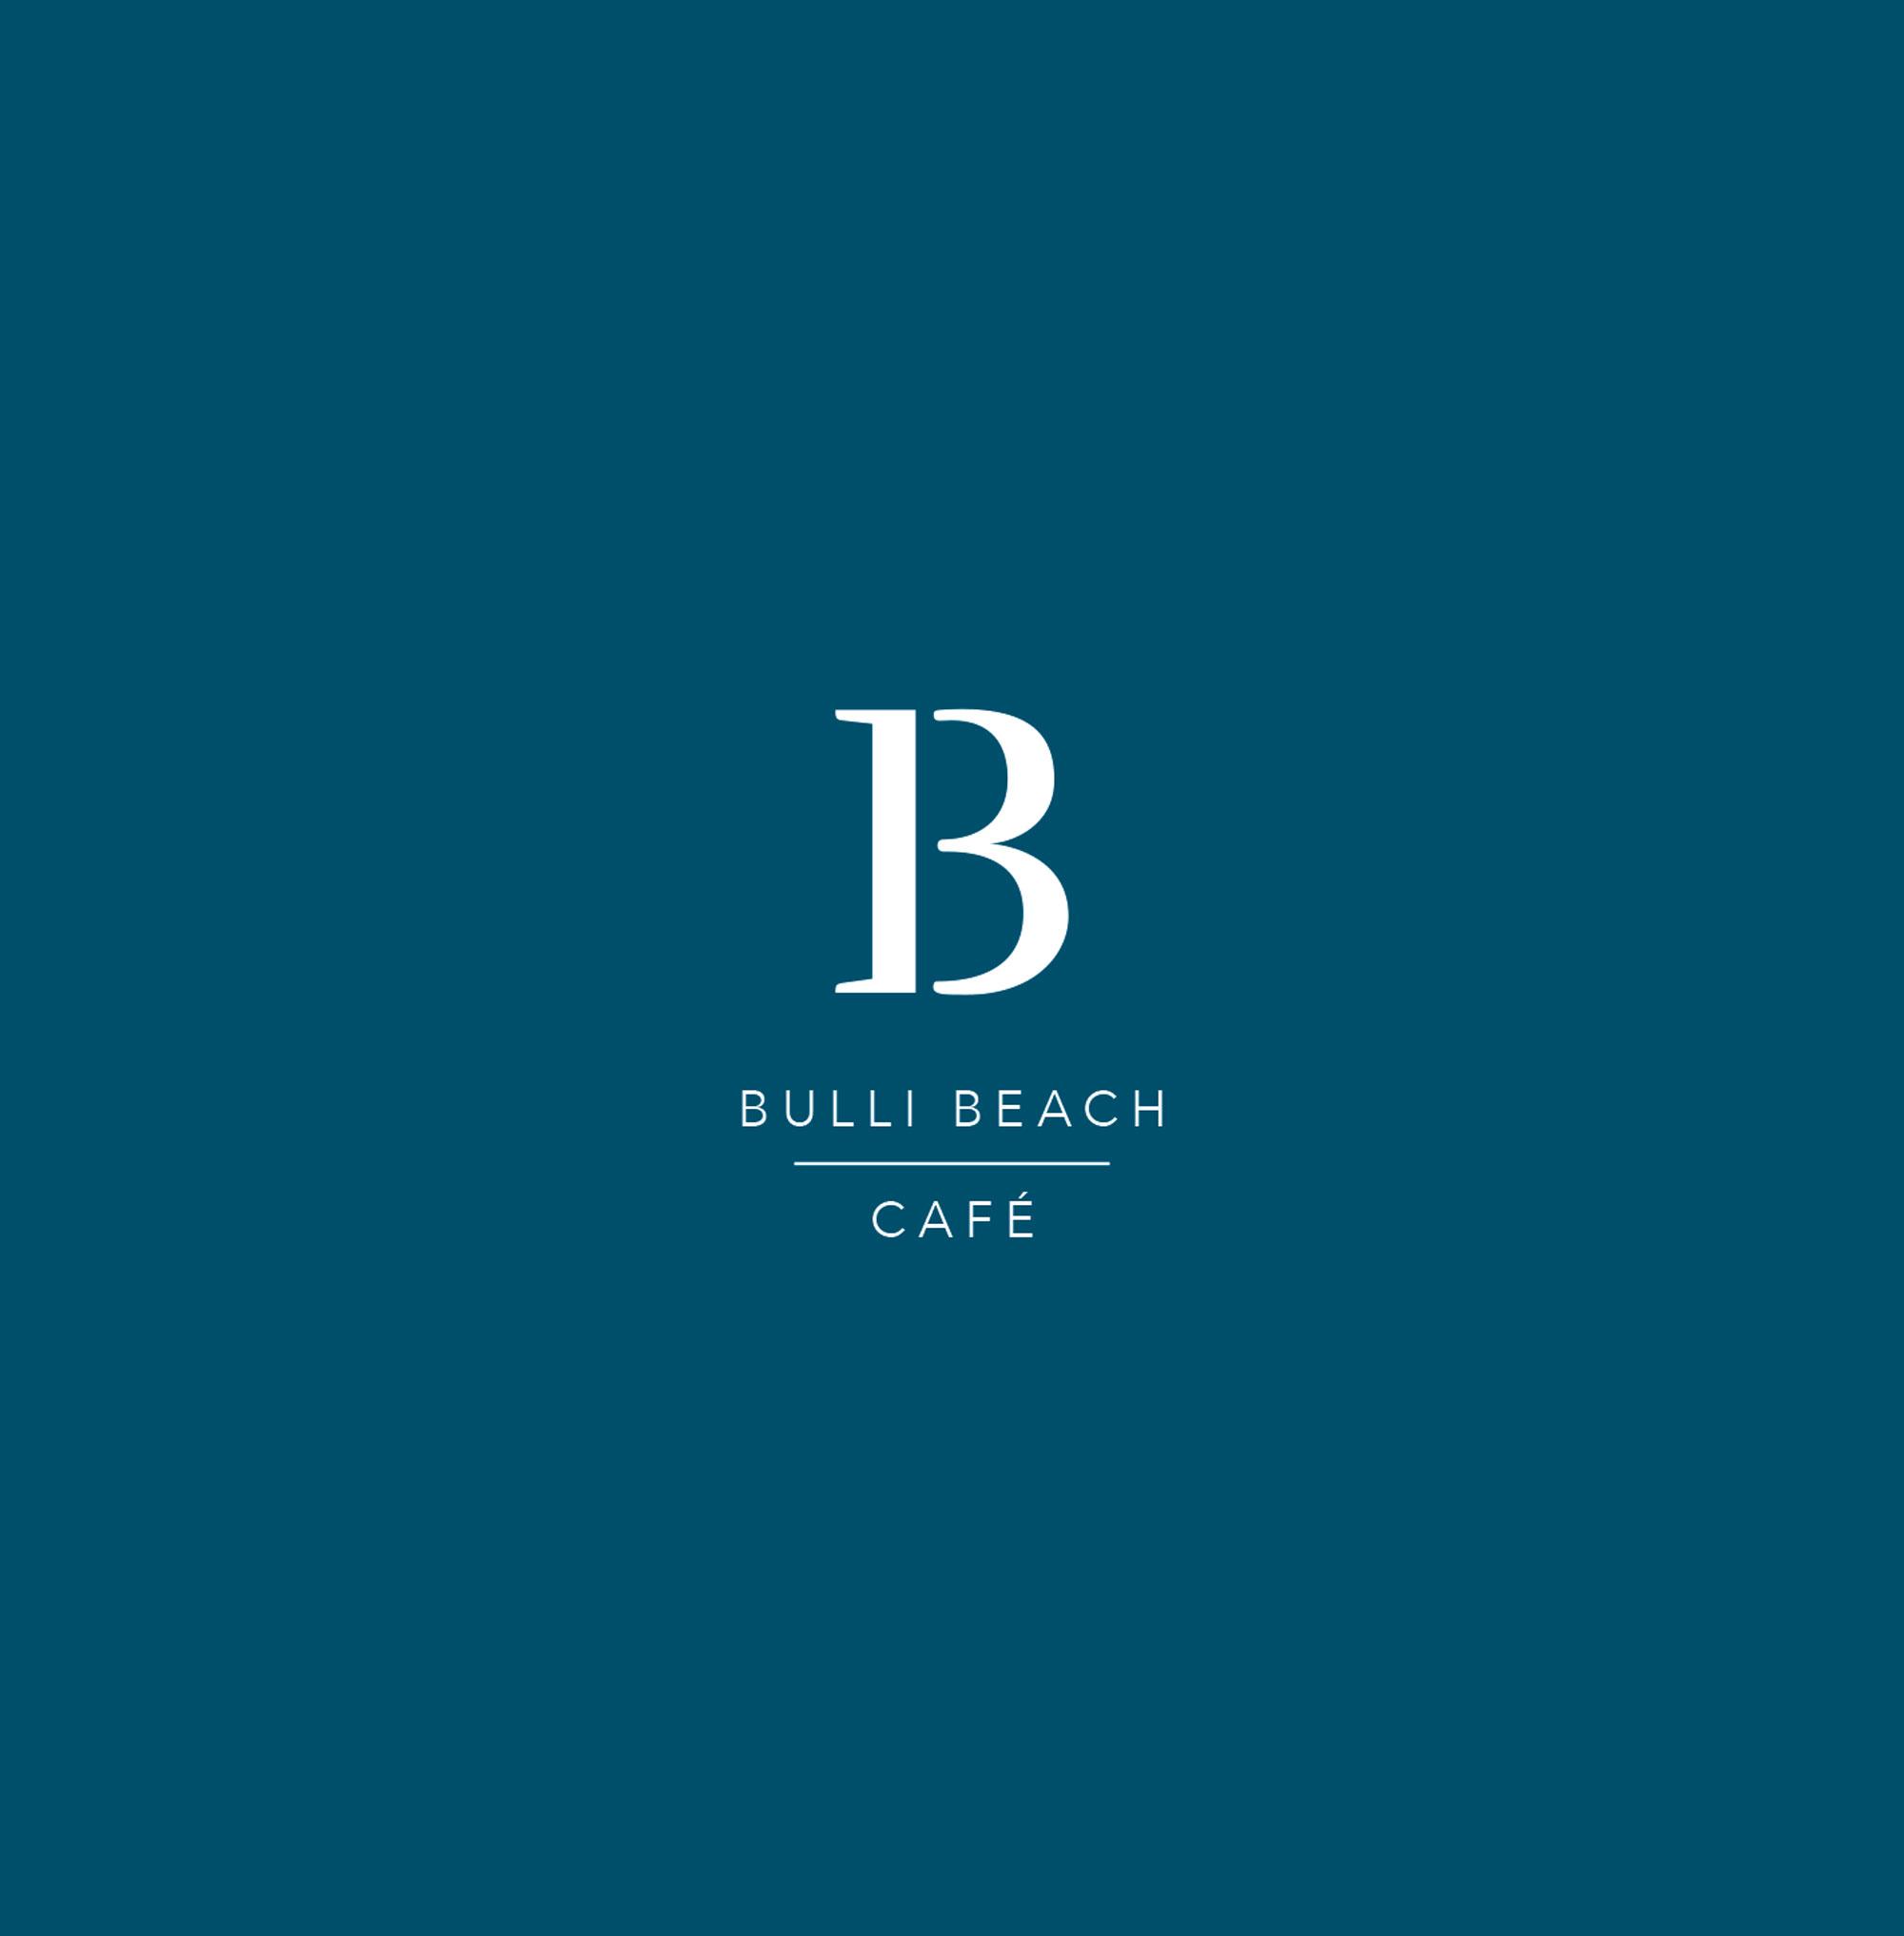 Bulli-Beach-Cafe-1.jpg